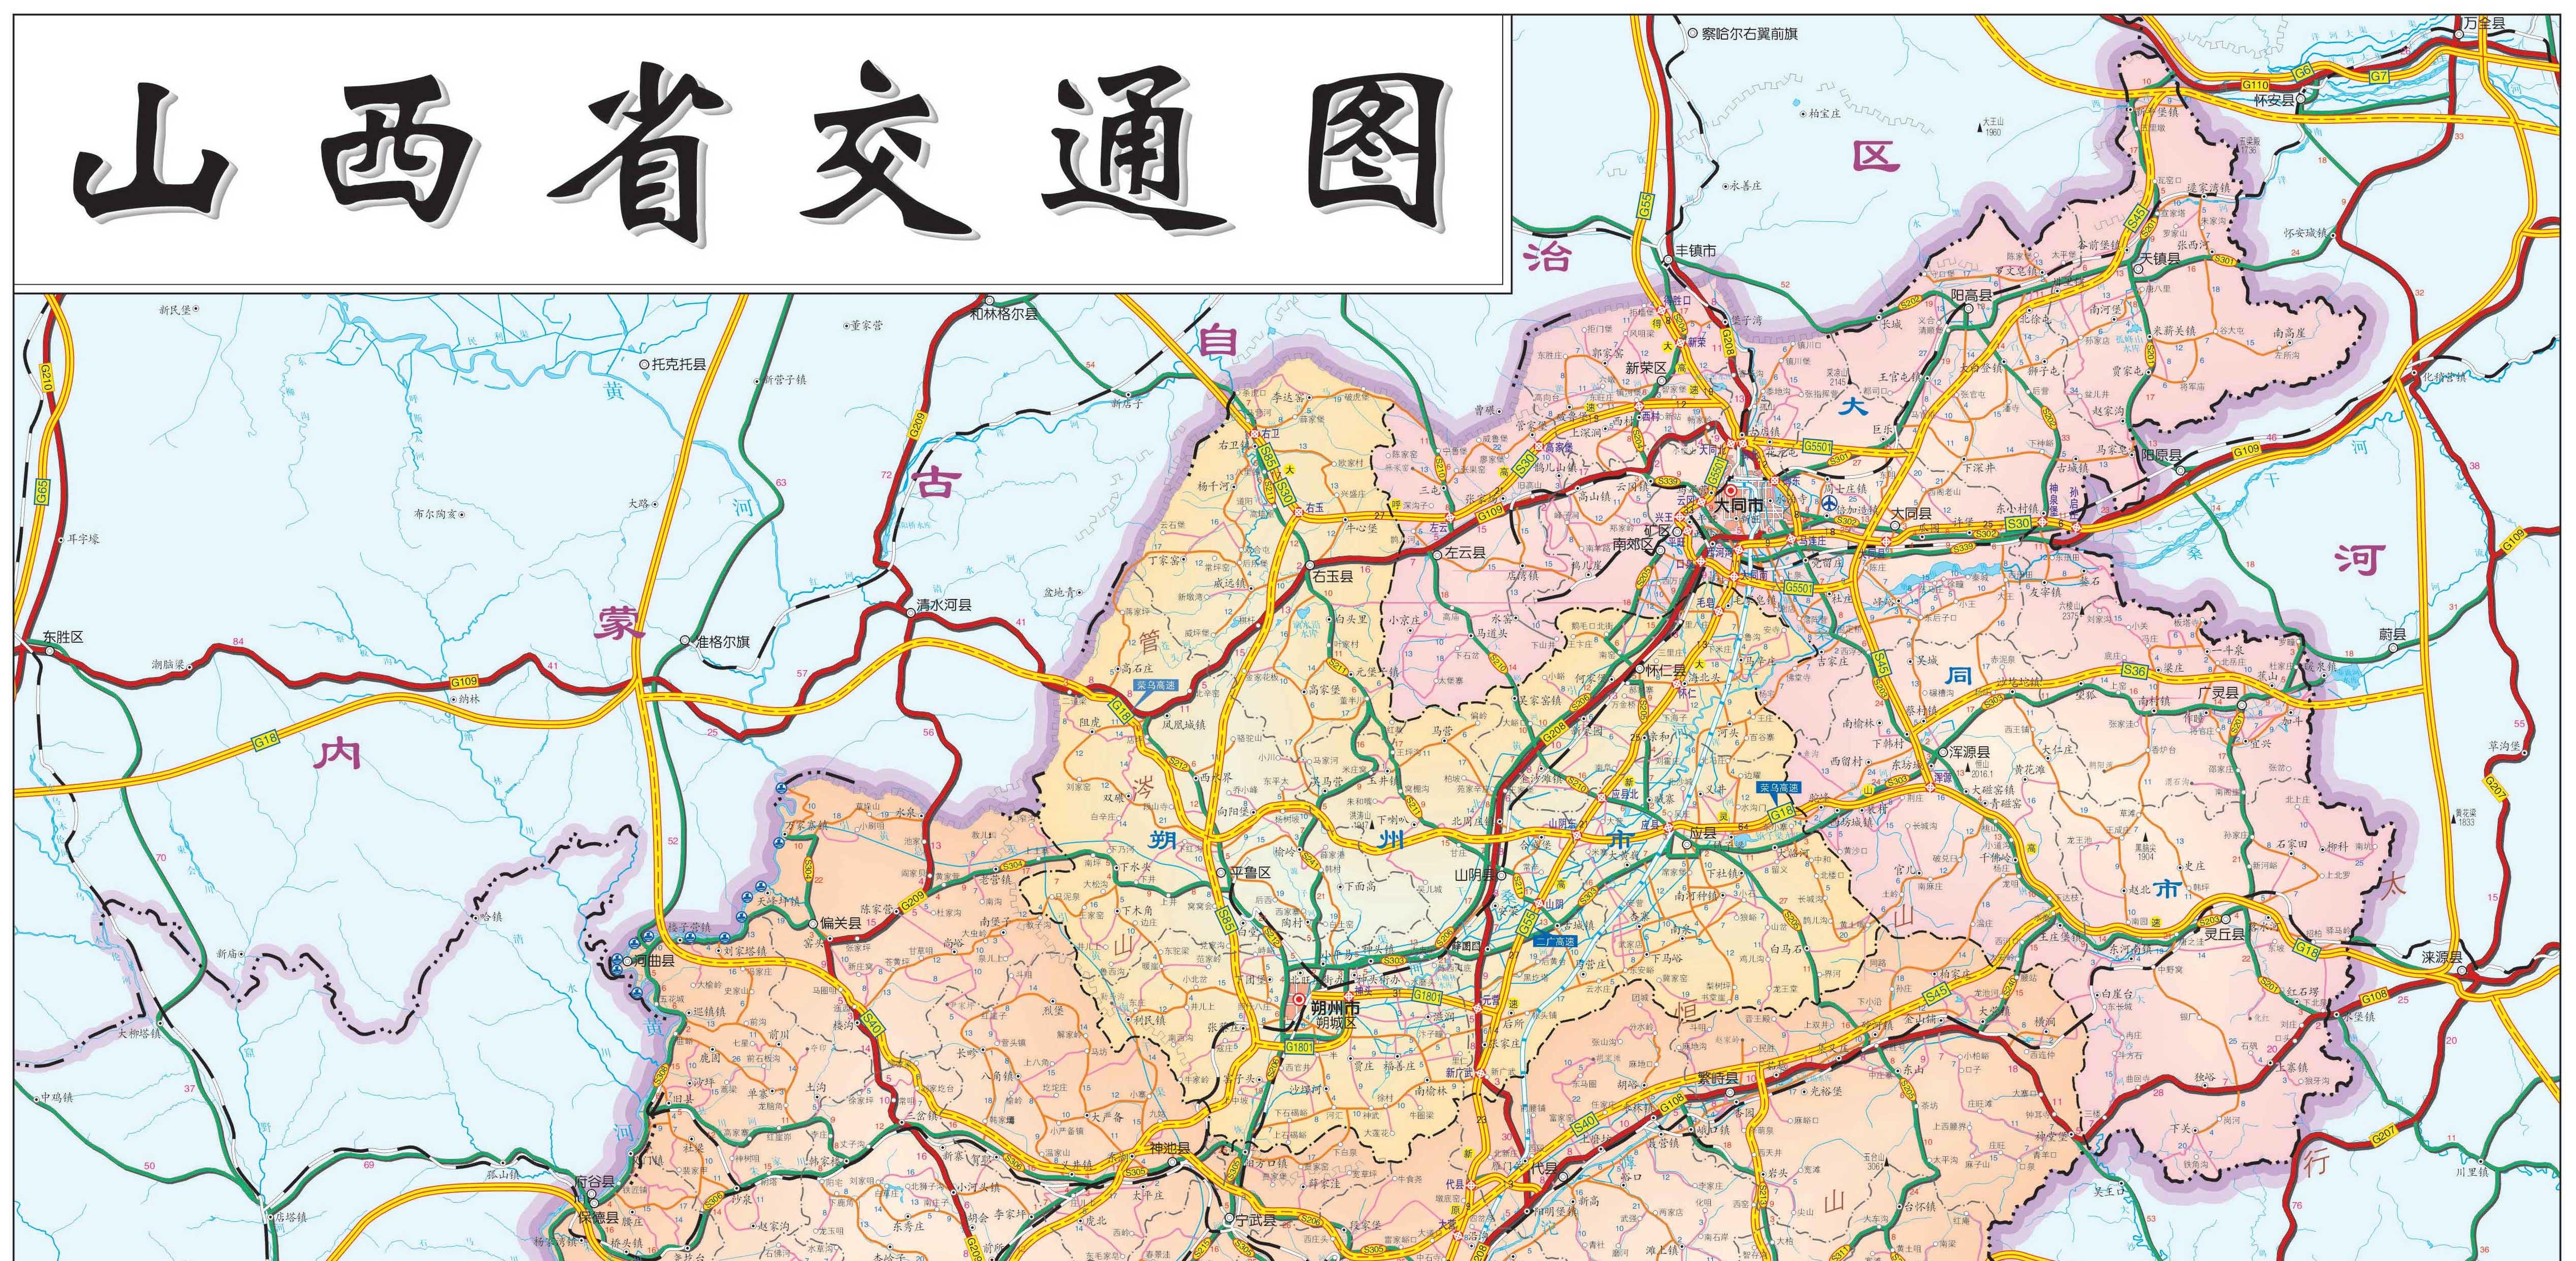 岢岚县地图|岢岚县地图查询|岢岚县地图全图|岢岚县高清地图—旅游-图片